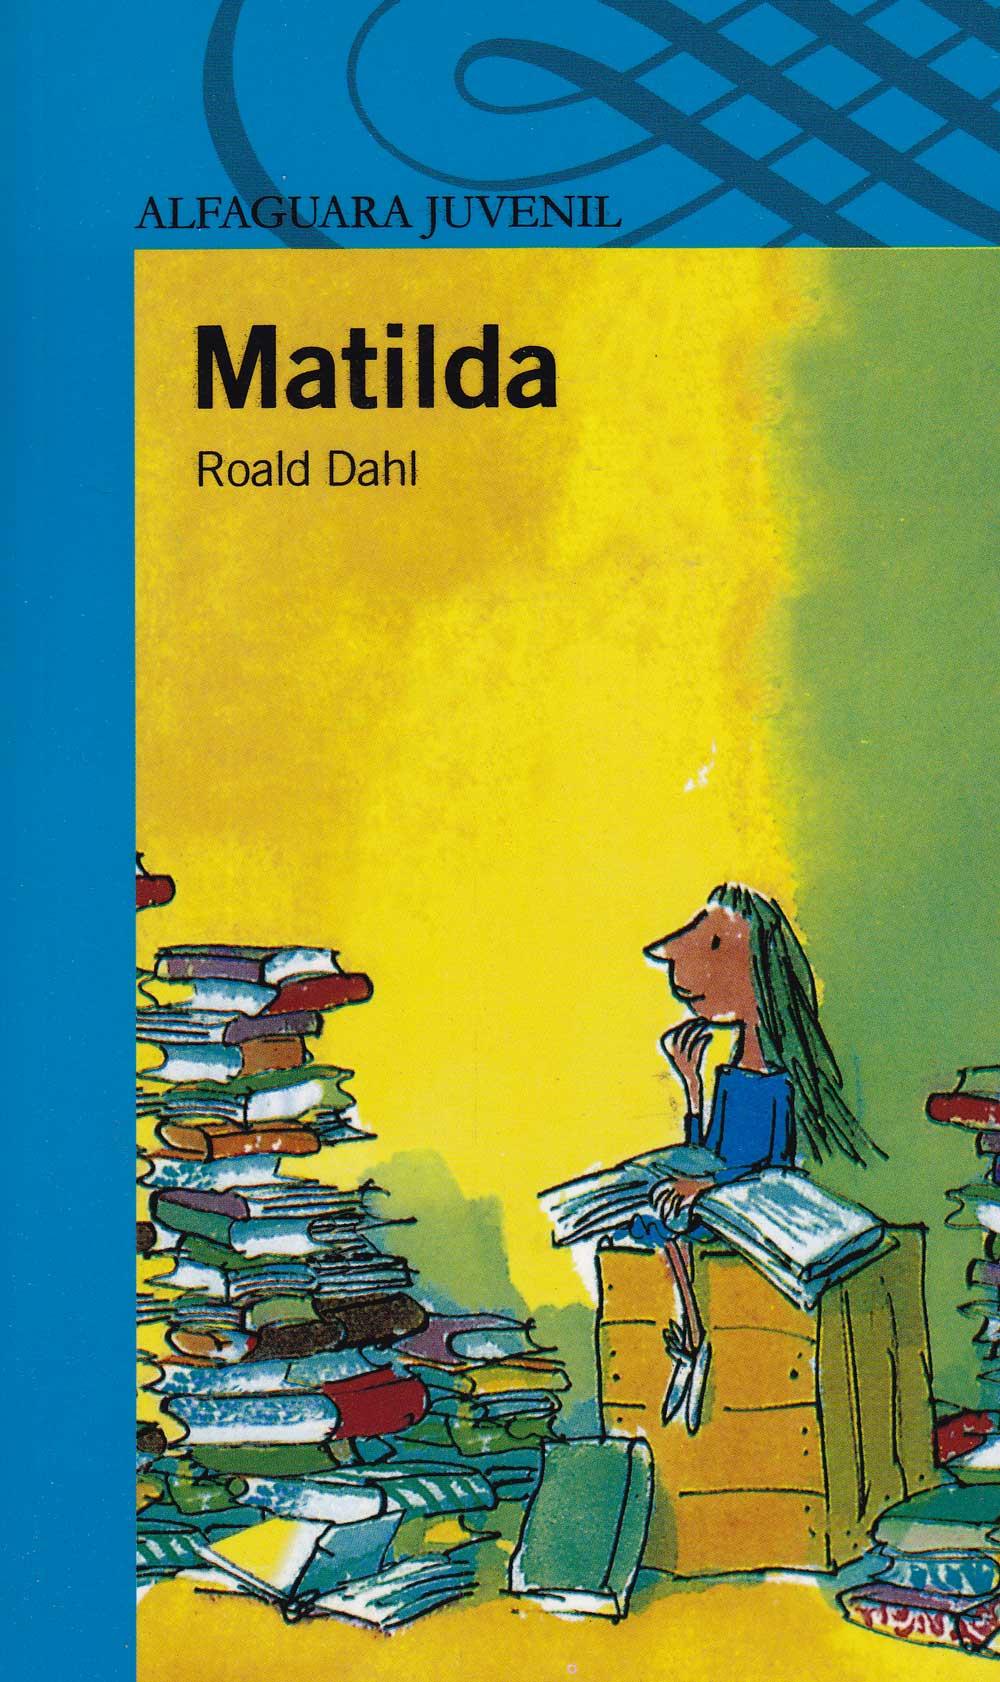 http://www.delsolbooks.com/jpg2/roalddahlmatilda1s.jpg